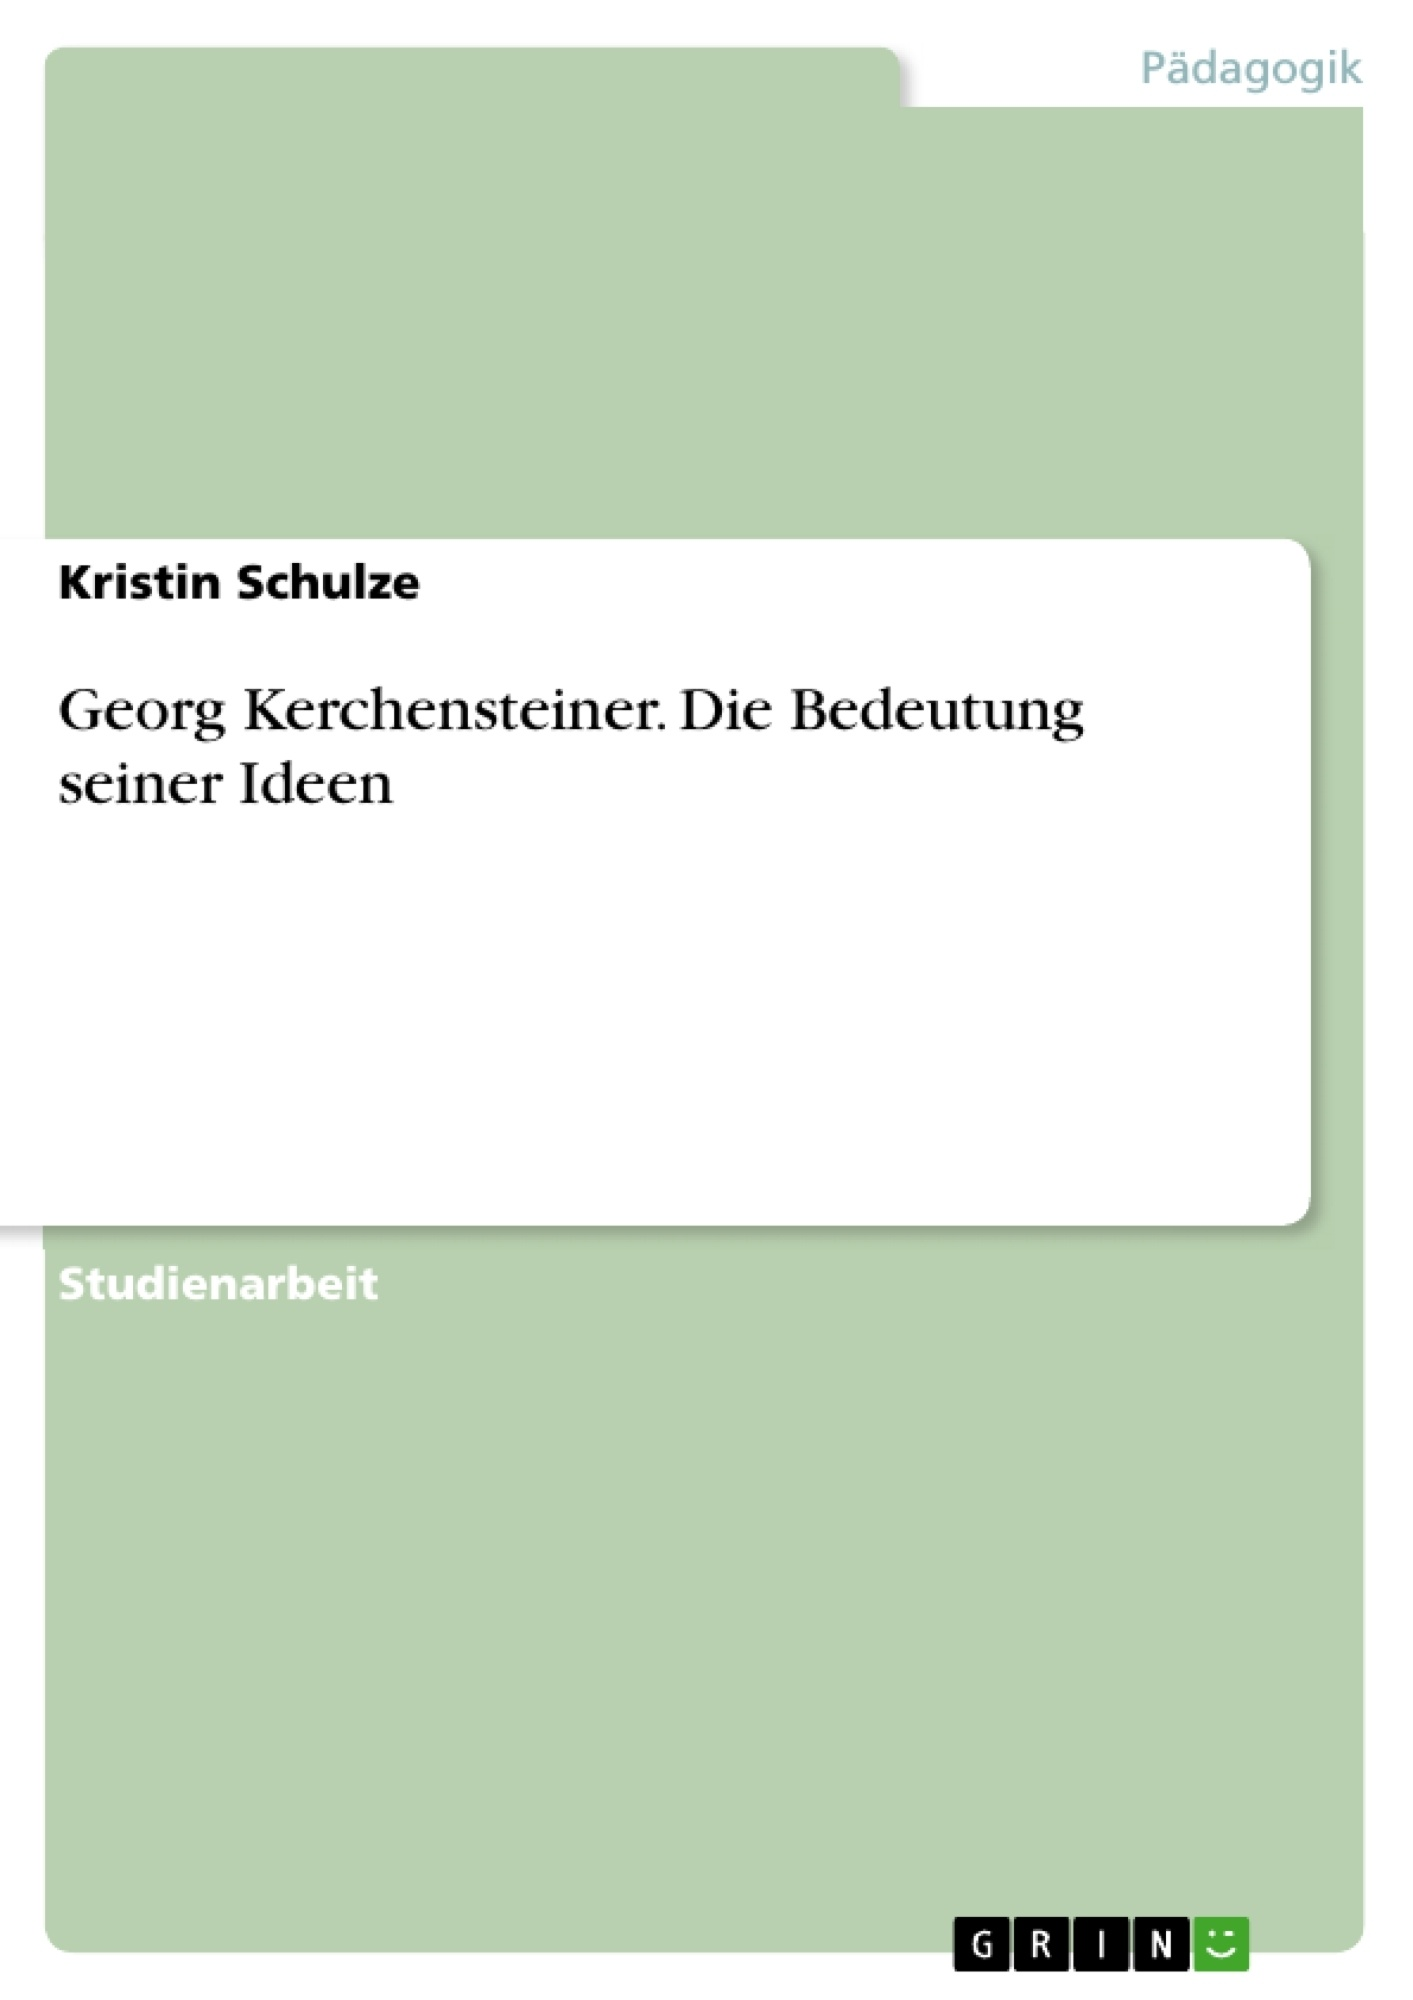 Titel: Georg Kerchensteiner. Die Bedeutung seiner Ideen